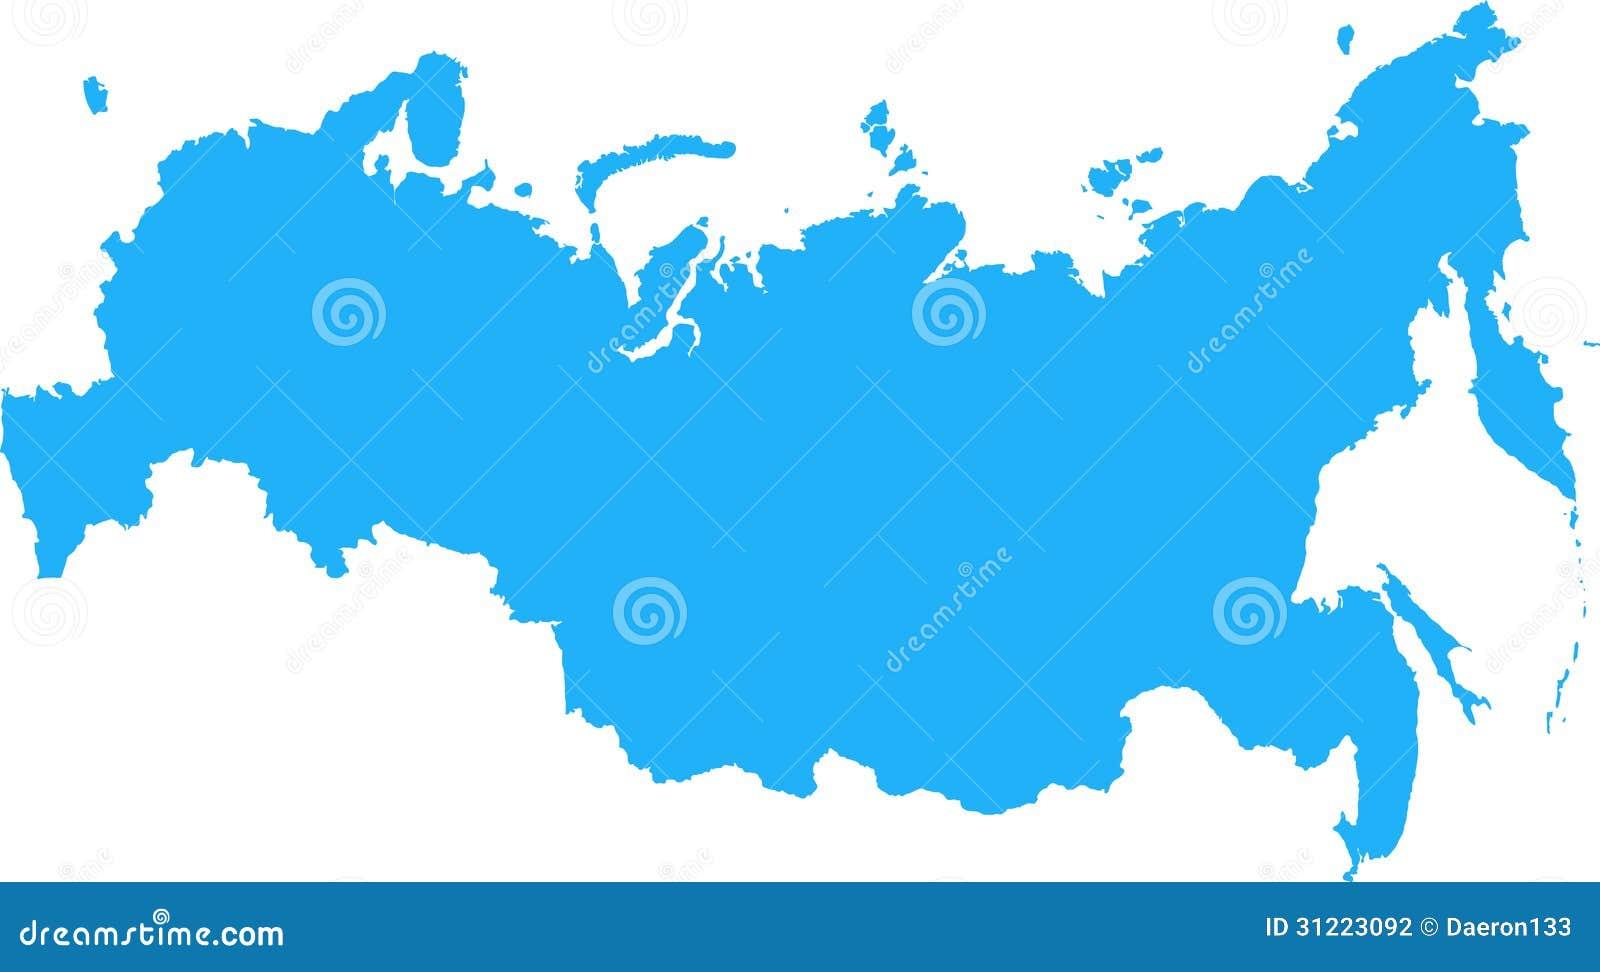 俄罗斯联邦地图 图库摄影